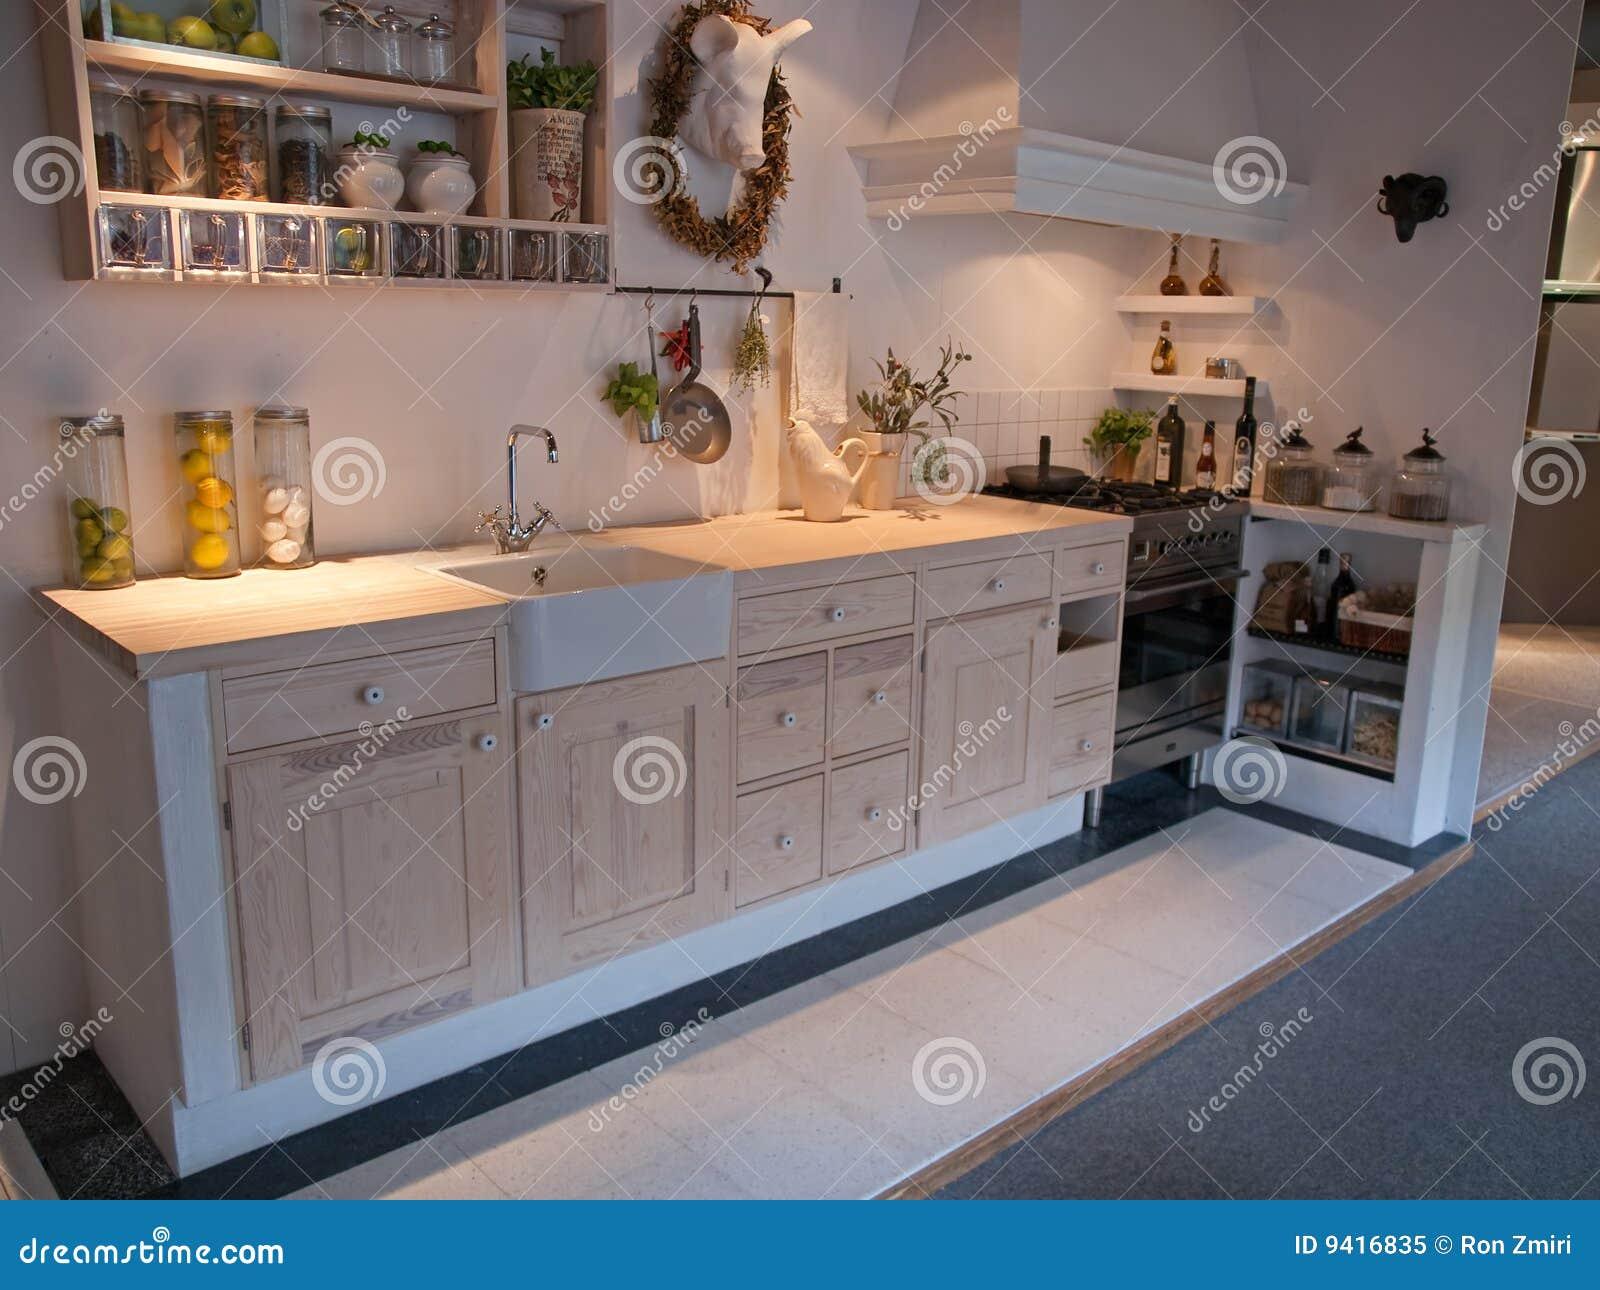 En bois moderne de pays de cuisine classique de conception néo ...